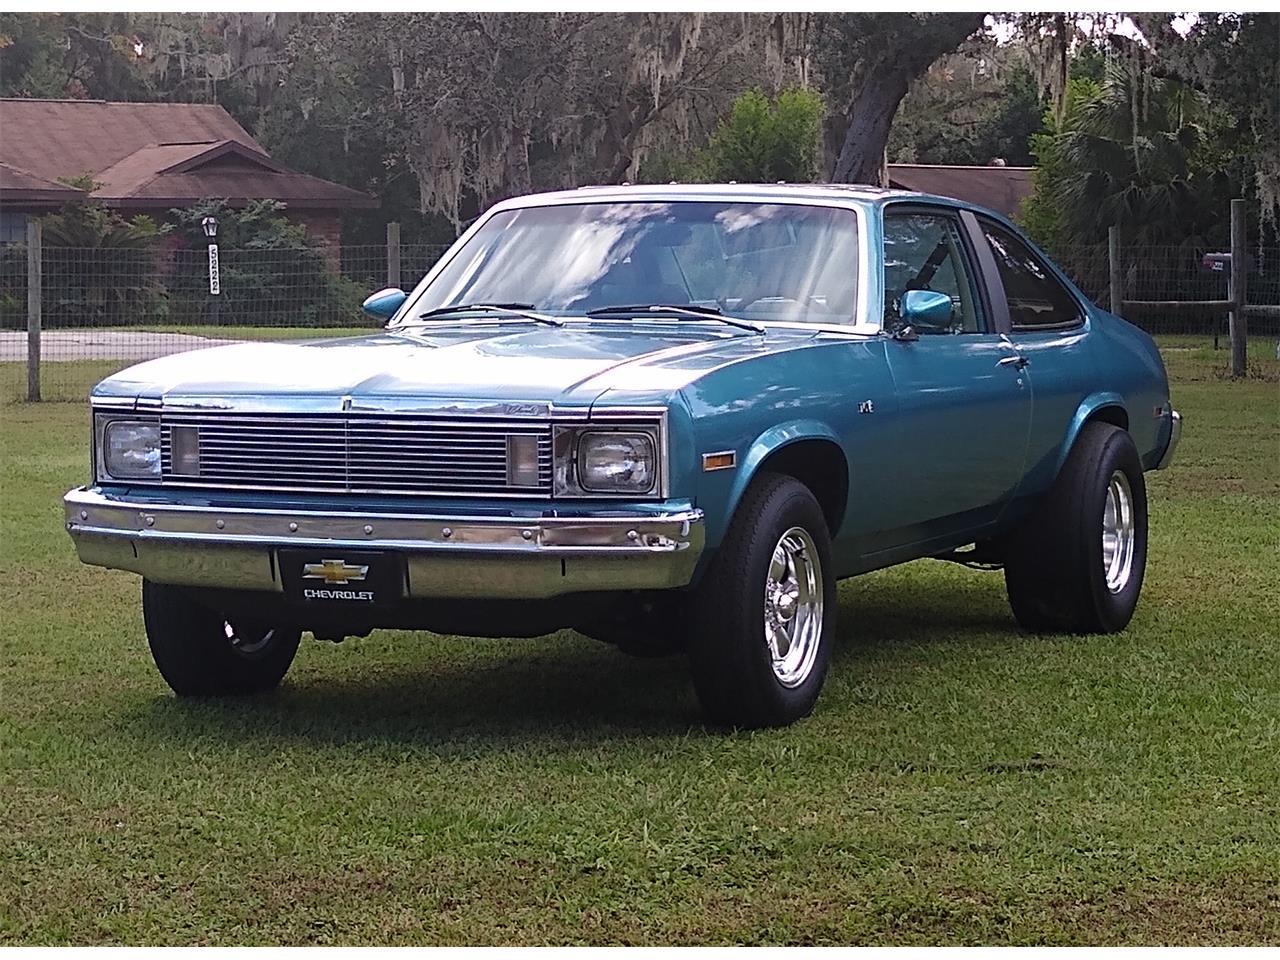 1979 Chevrolet Nova for Sale  ClassicCars.com  CC-1425329